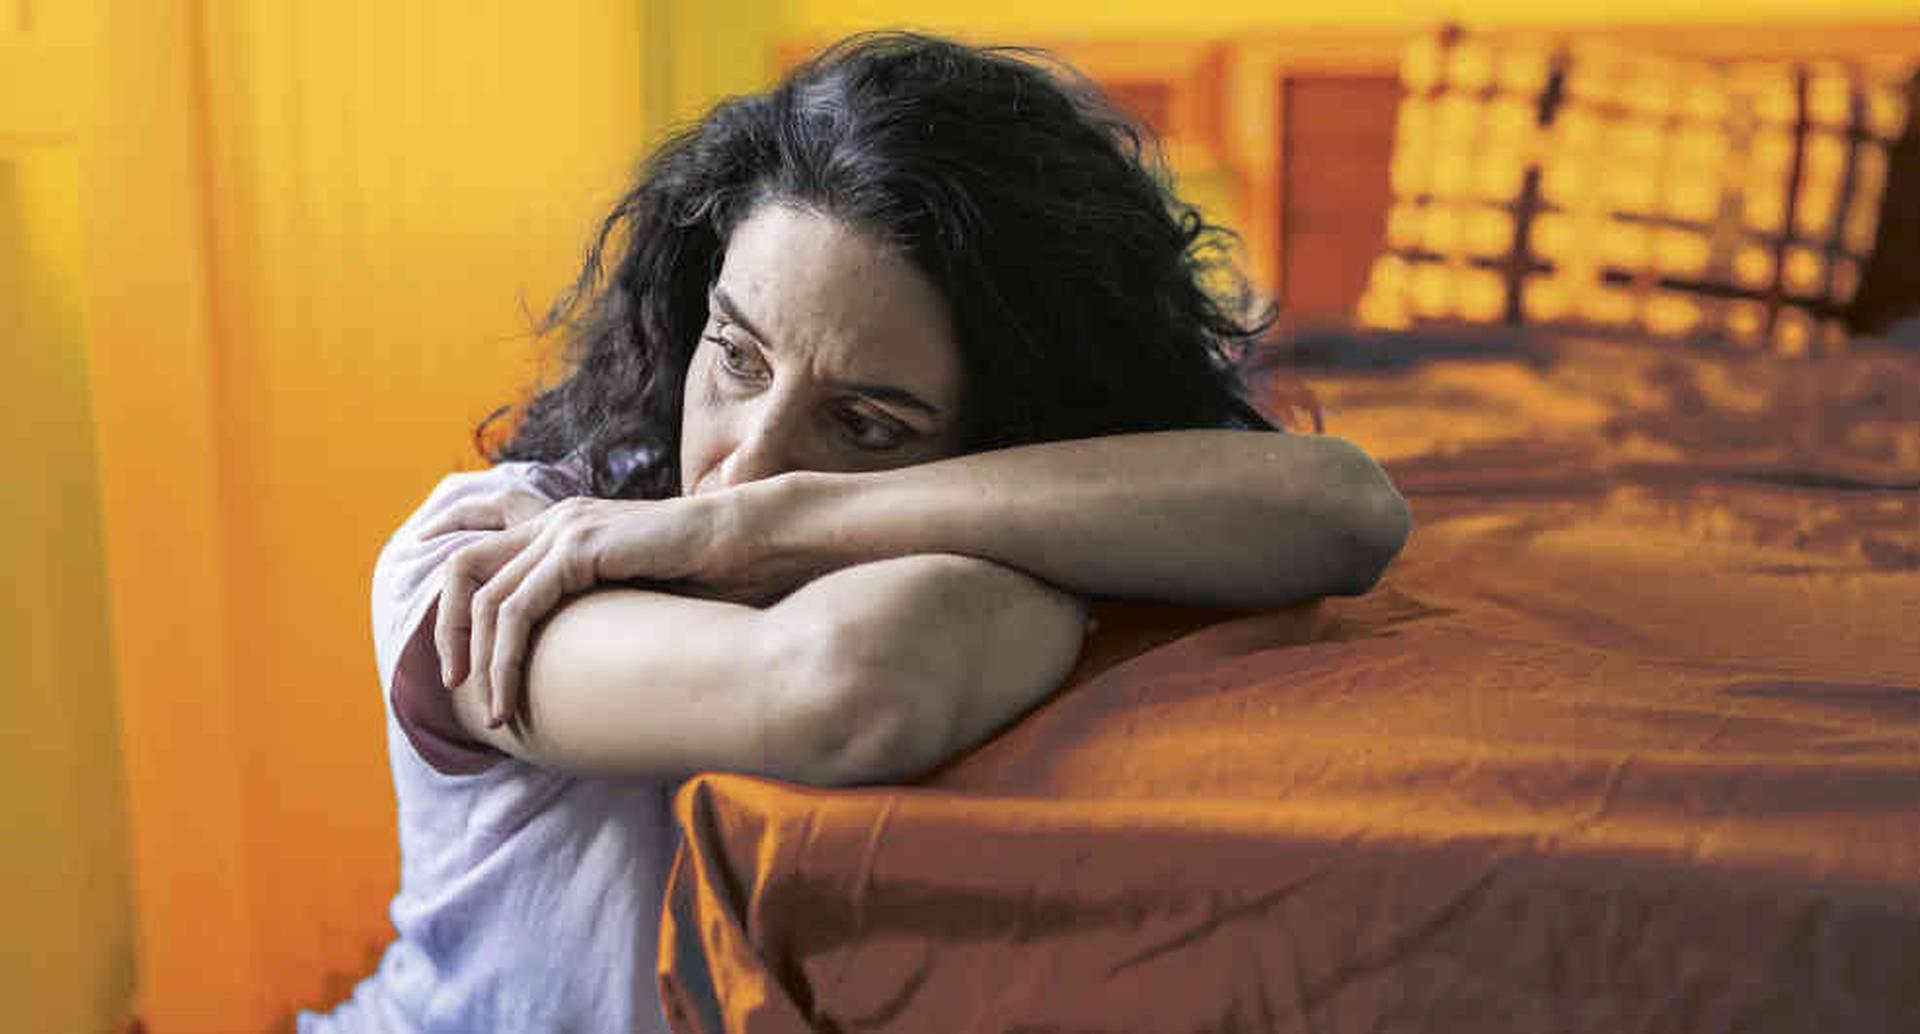 Según el Estudio Nacional de Salud Mental hecho en 2015, alrededor del 40 por ciento de la población ya tenía algún síntoma mental, antes de la cuarentena.